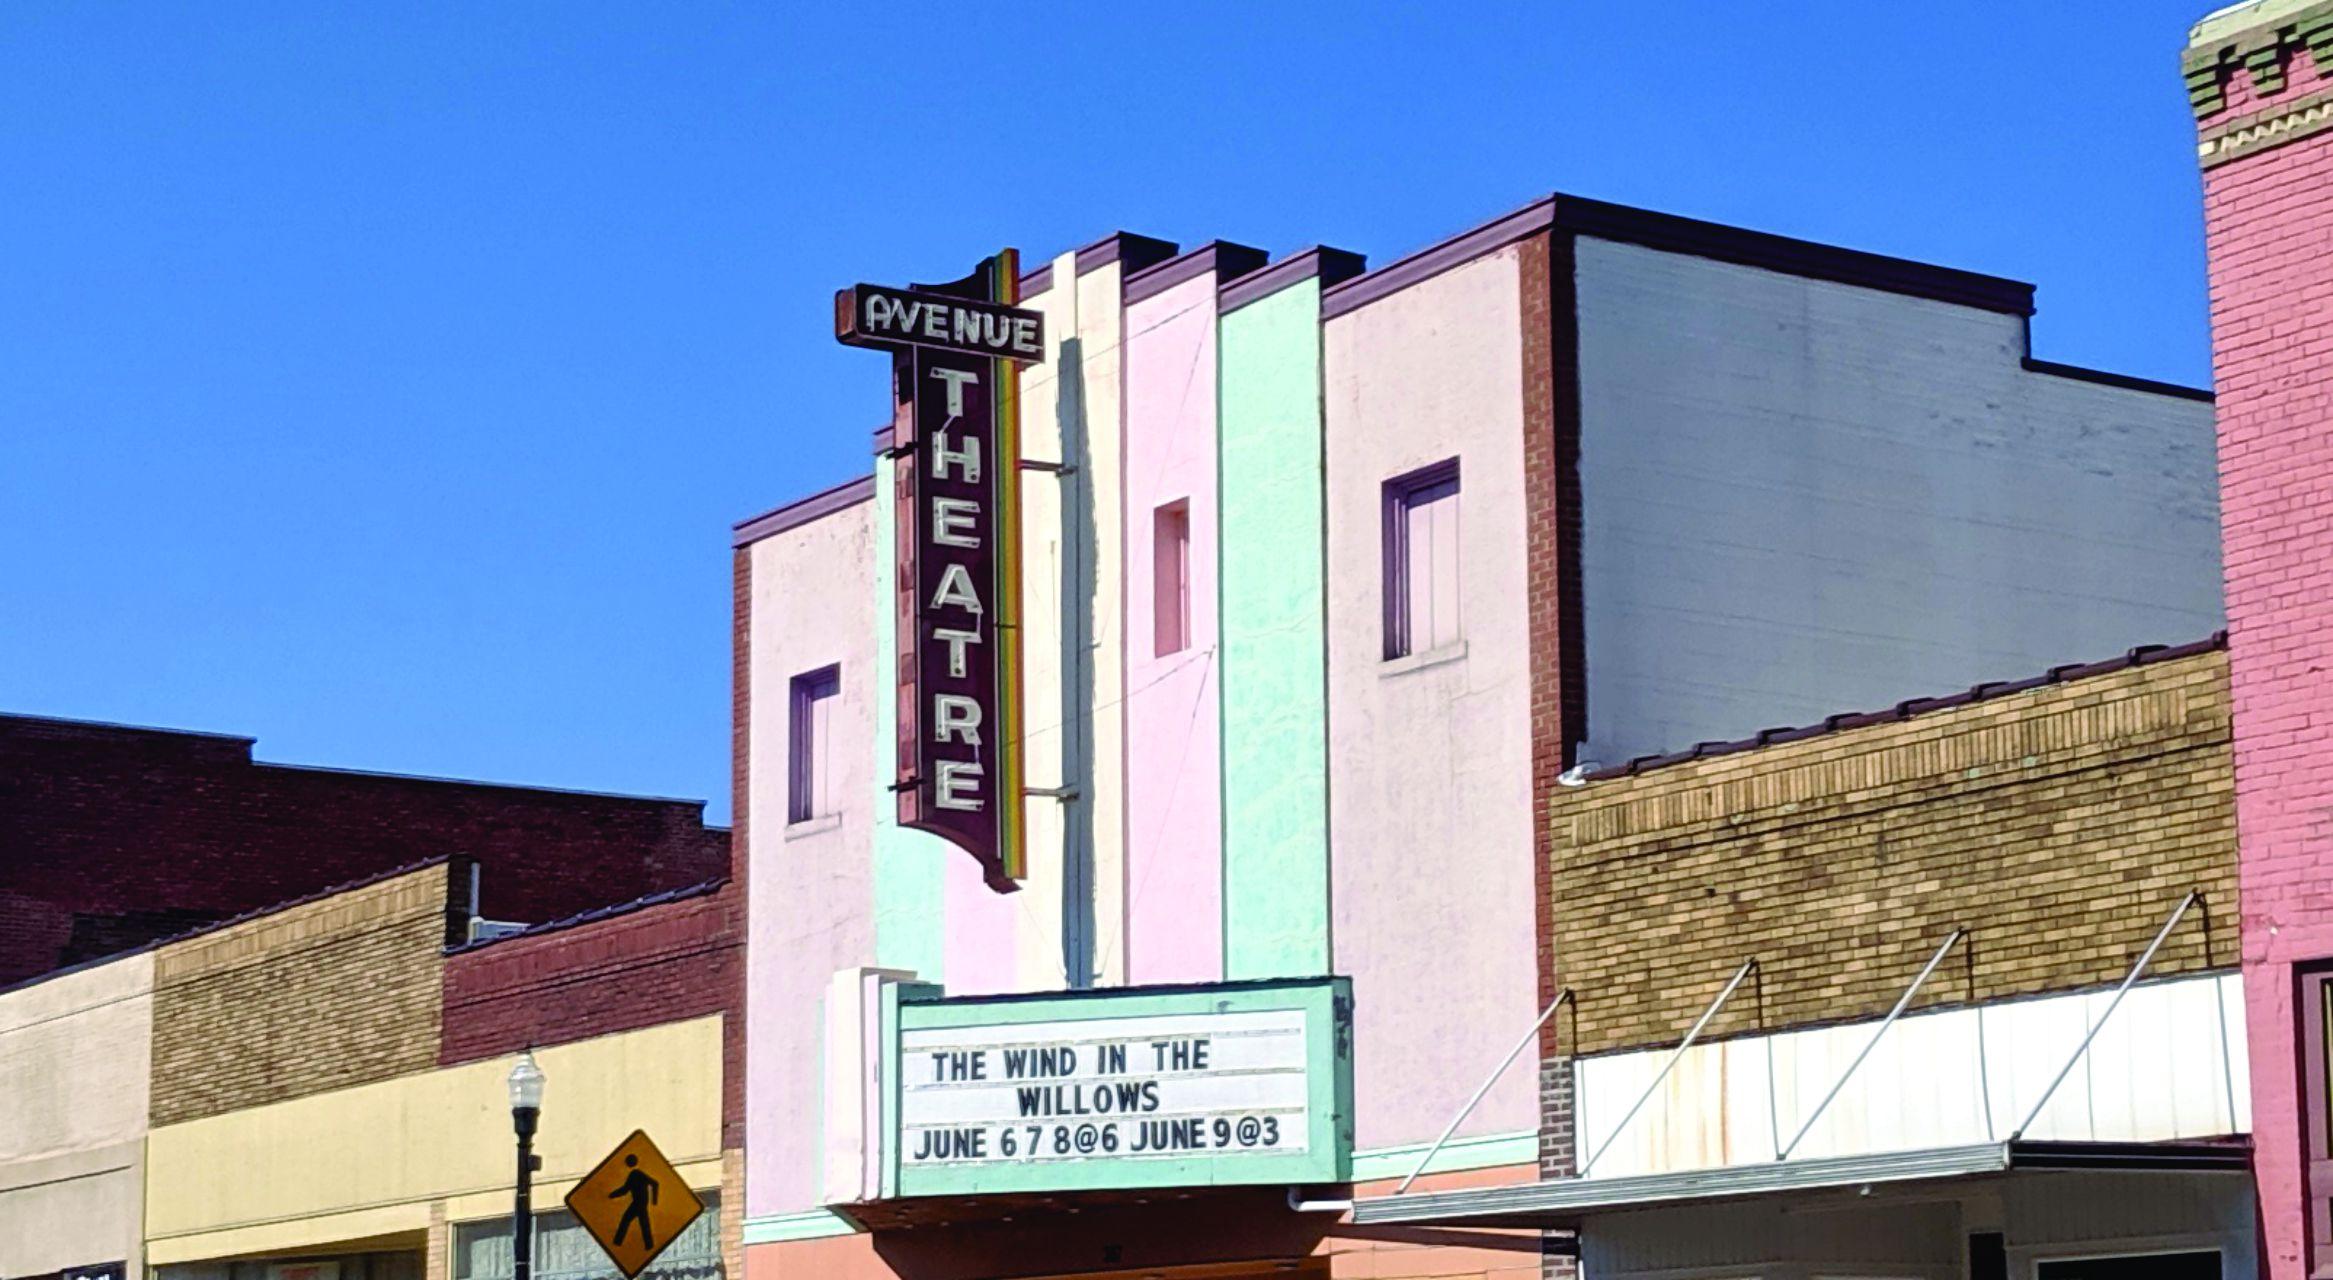 The Avenue Theatre, The Avenue Theatre West Plains Missouri, West Plains Missouri